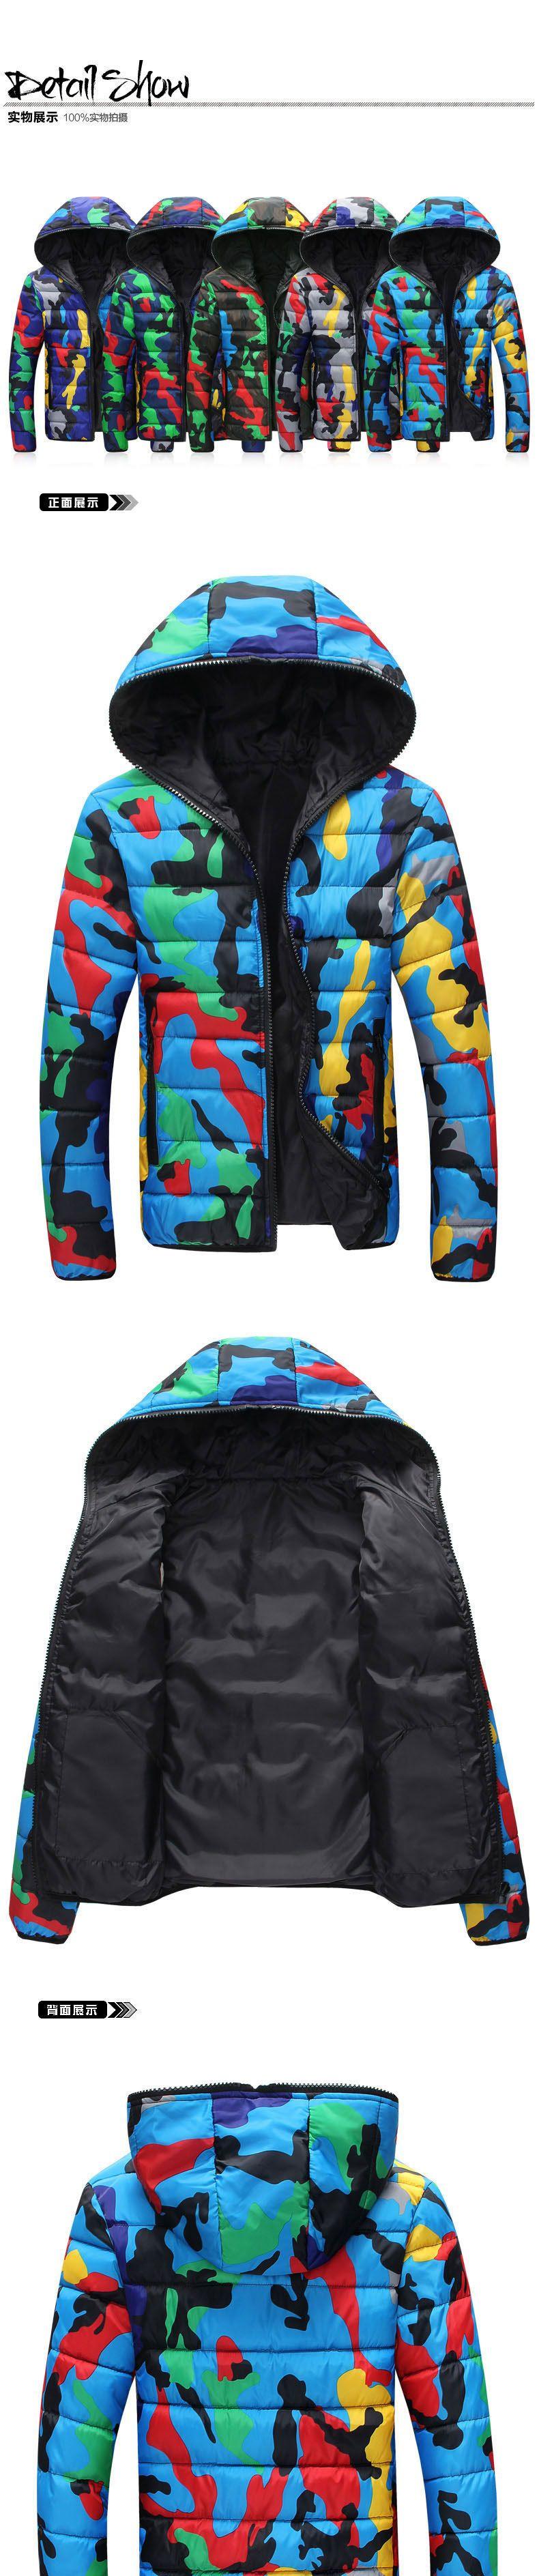 Скидки на Моды для мужчин Корейский Стиль С Капюшоном Хлопка Ватные Куртки Зима Камуфляж Парки Для Любителей На Открытом Воздухе теплый Сверхлегкий Пальто 83003